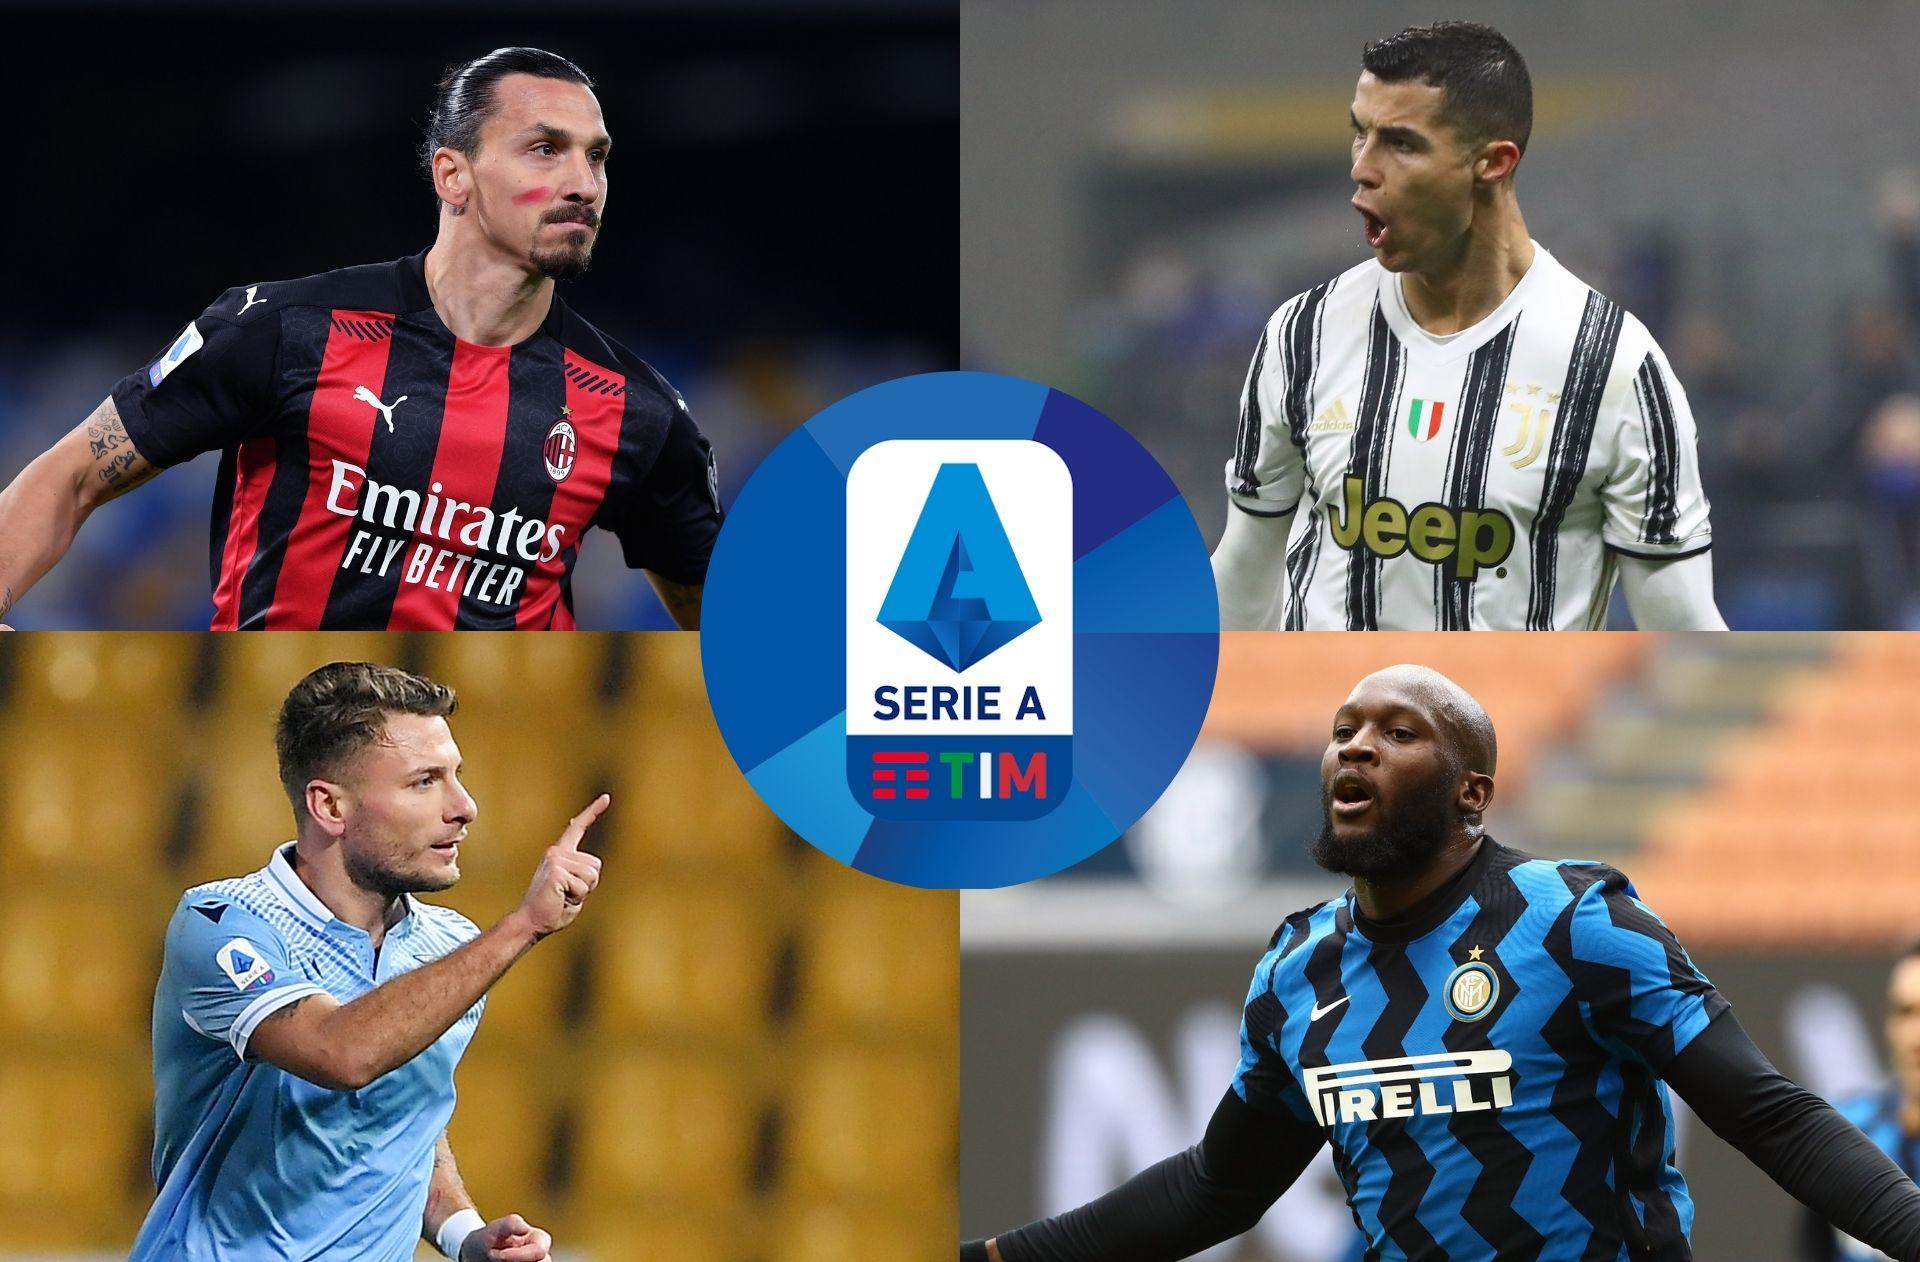 Serie A Golden Boot